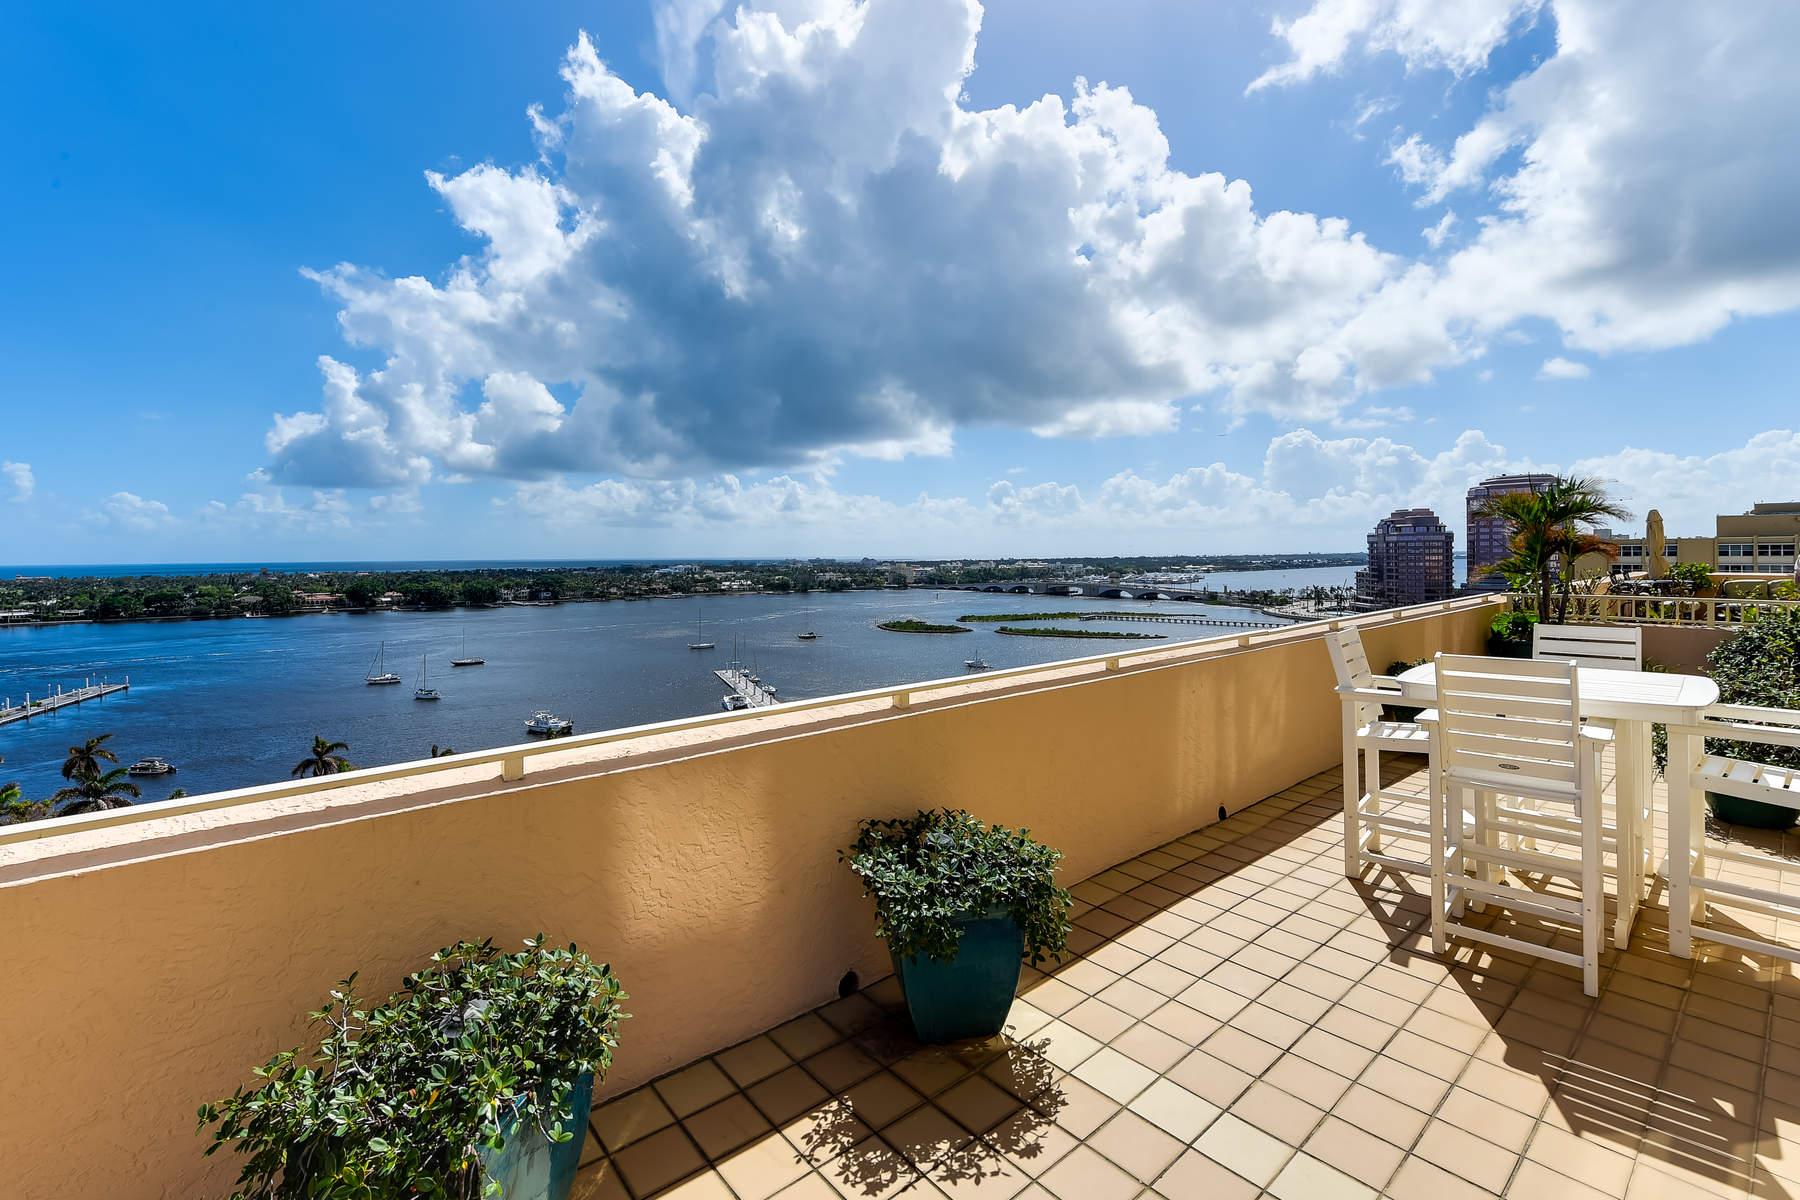 Copropriété pour l Vente à Amazing Outdoor Living and Views 255 Evernia Street 1104, West Palm Beach, Florida, 33401 États-Unis